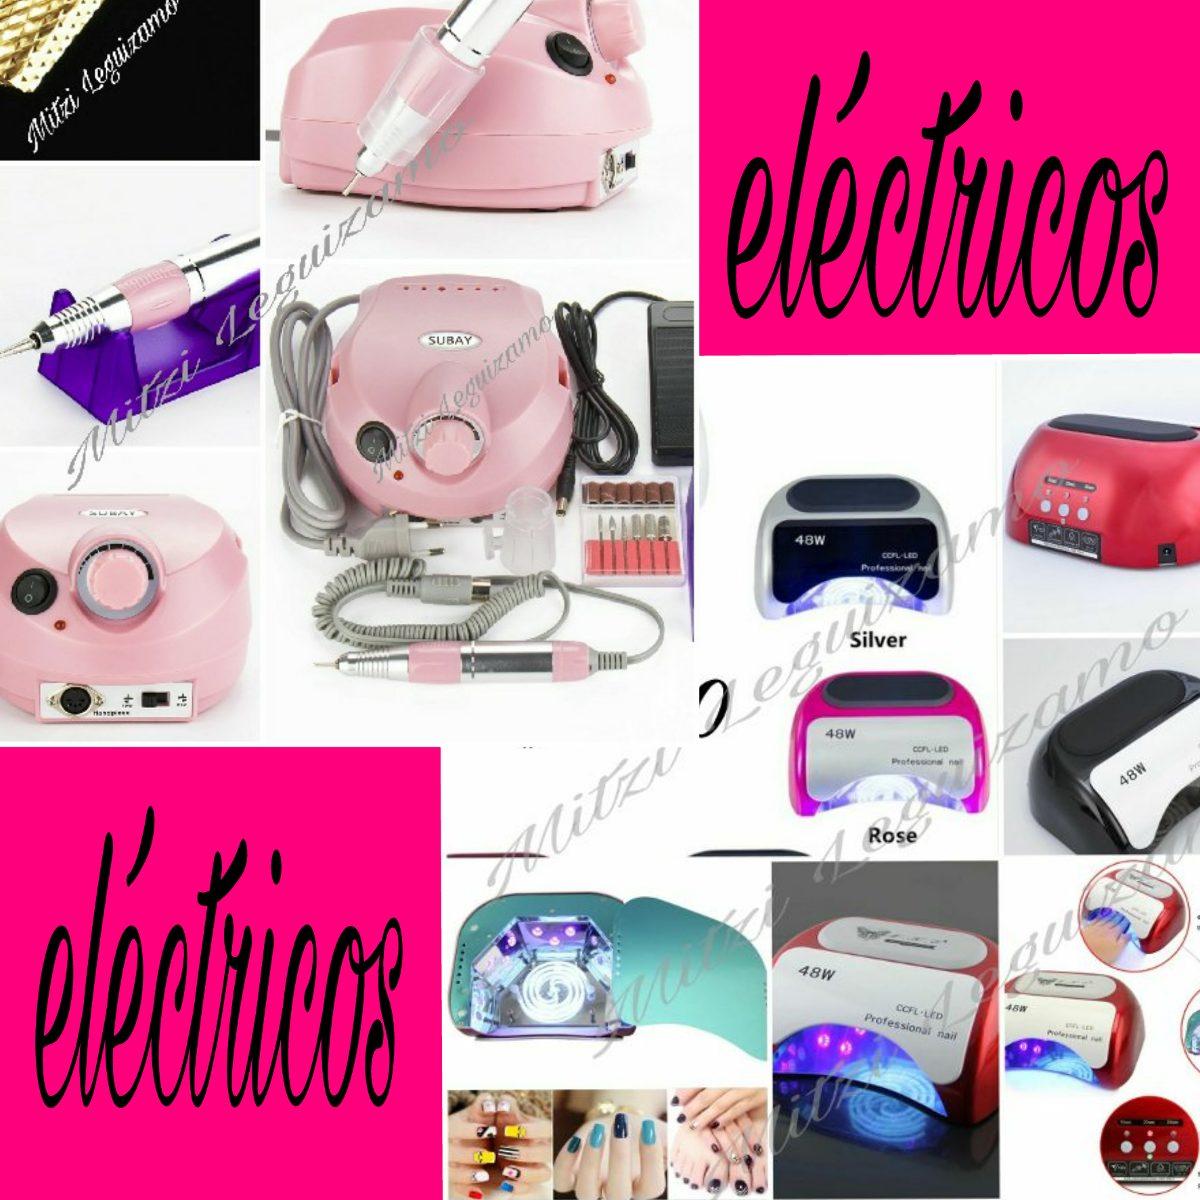 Kit De Producto Para Uñas - $ 180.00 en Mercado Libre